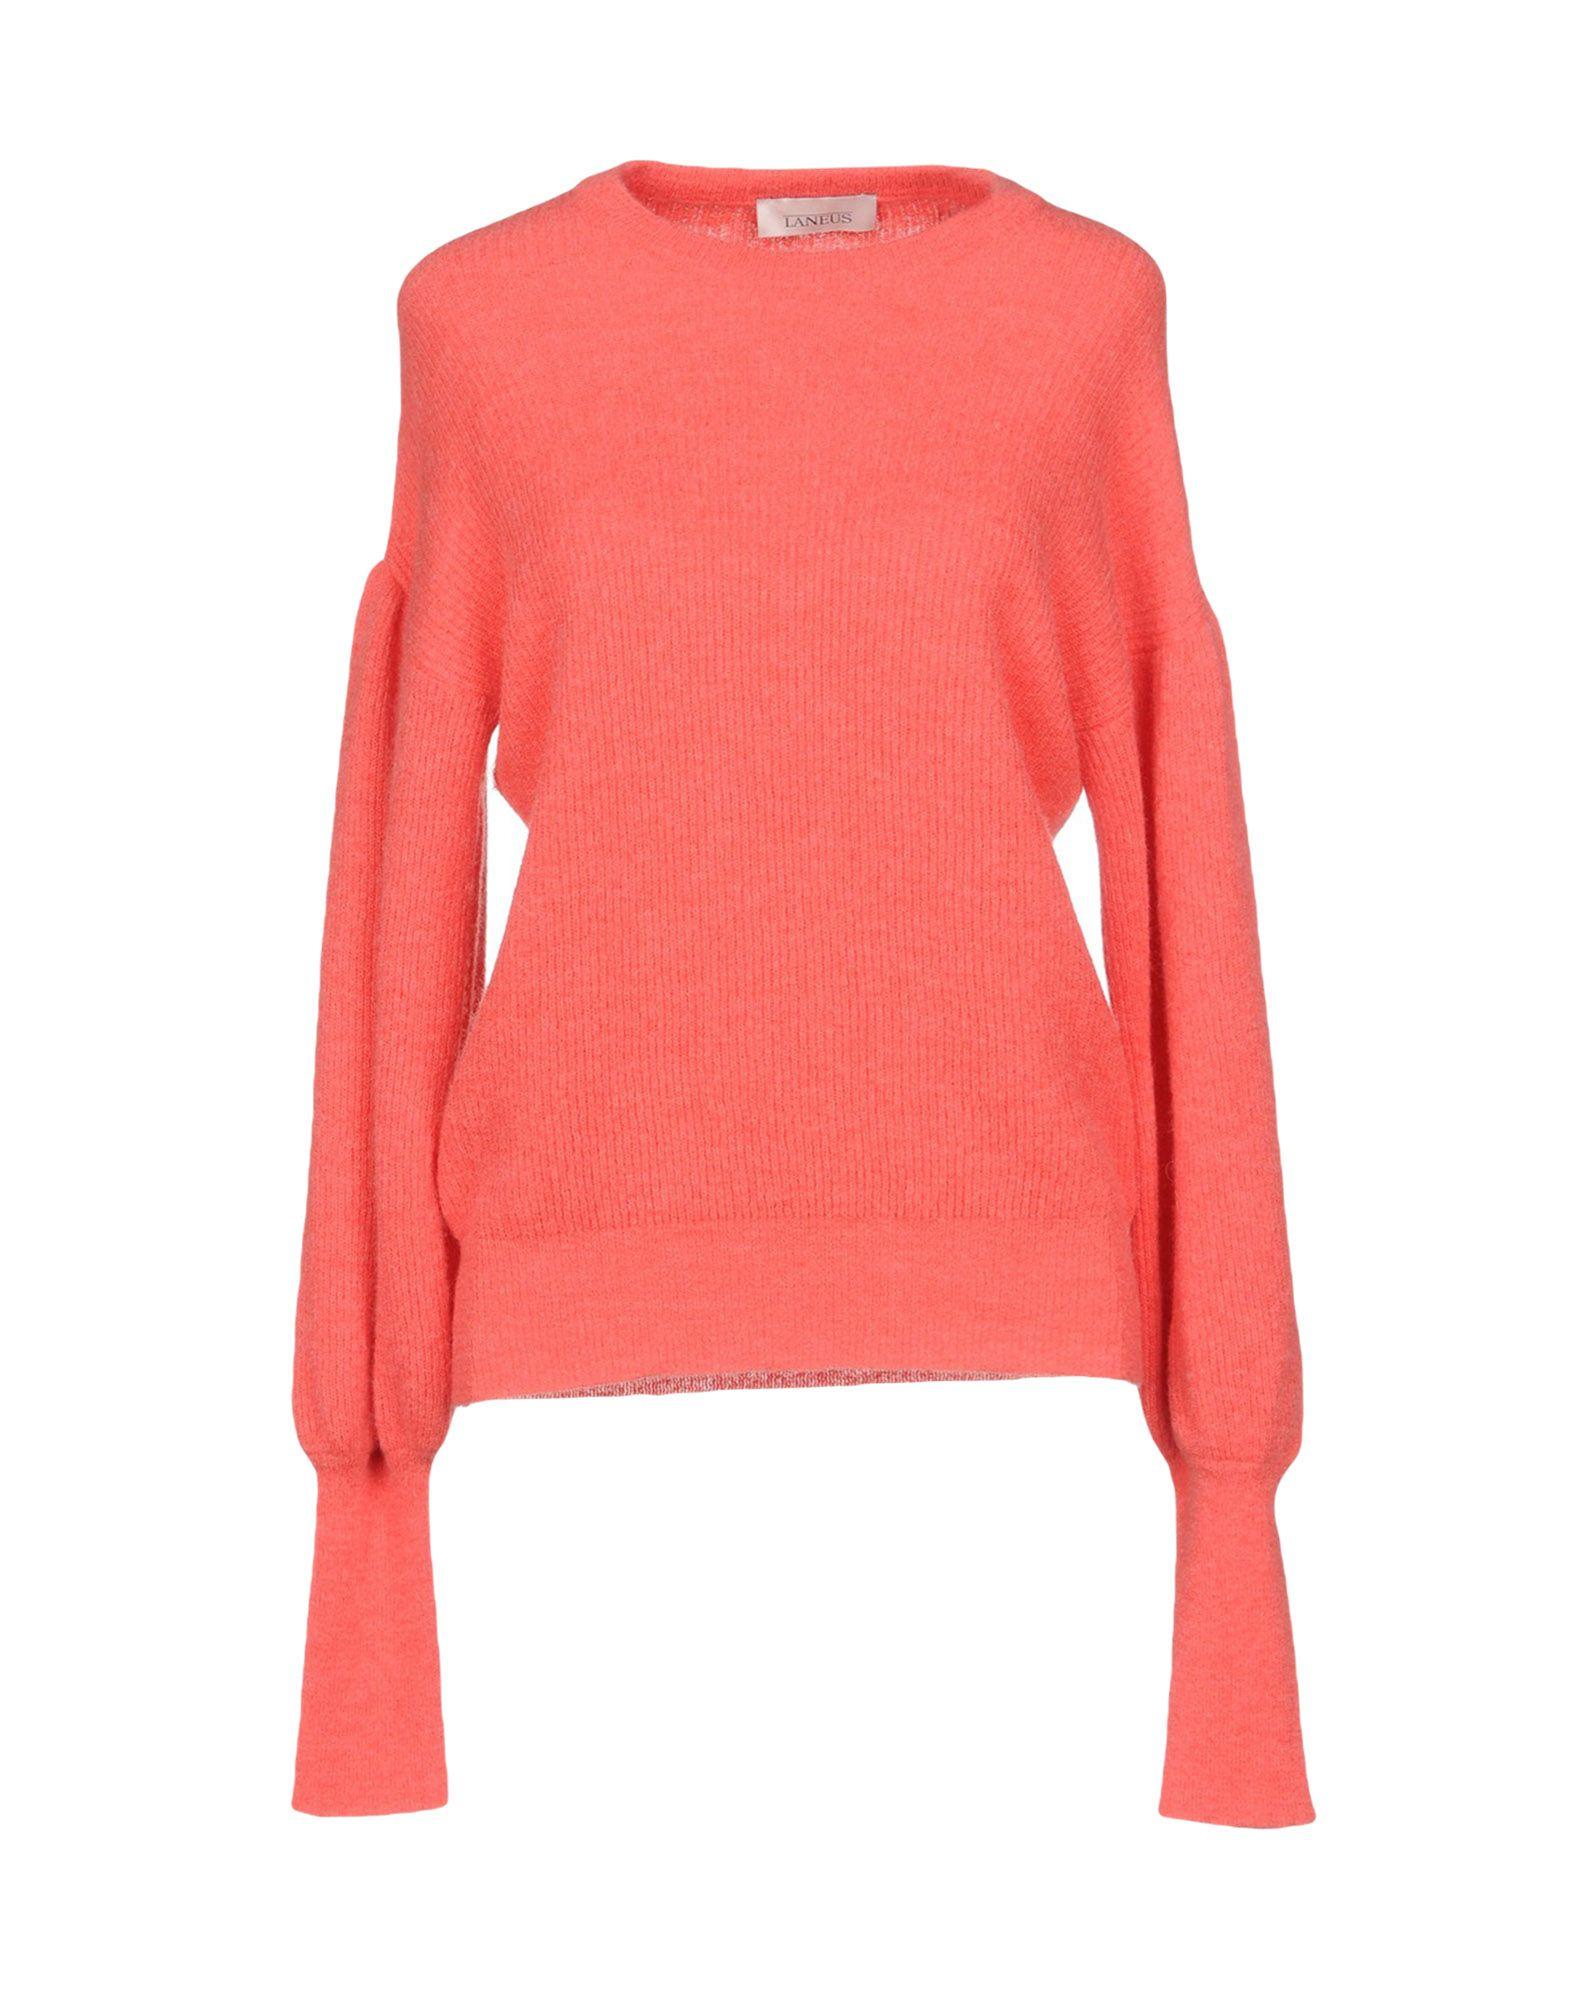 Pullover Laneus Donna - Acquista online su MwNNMm